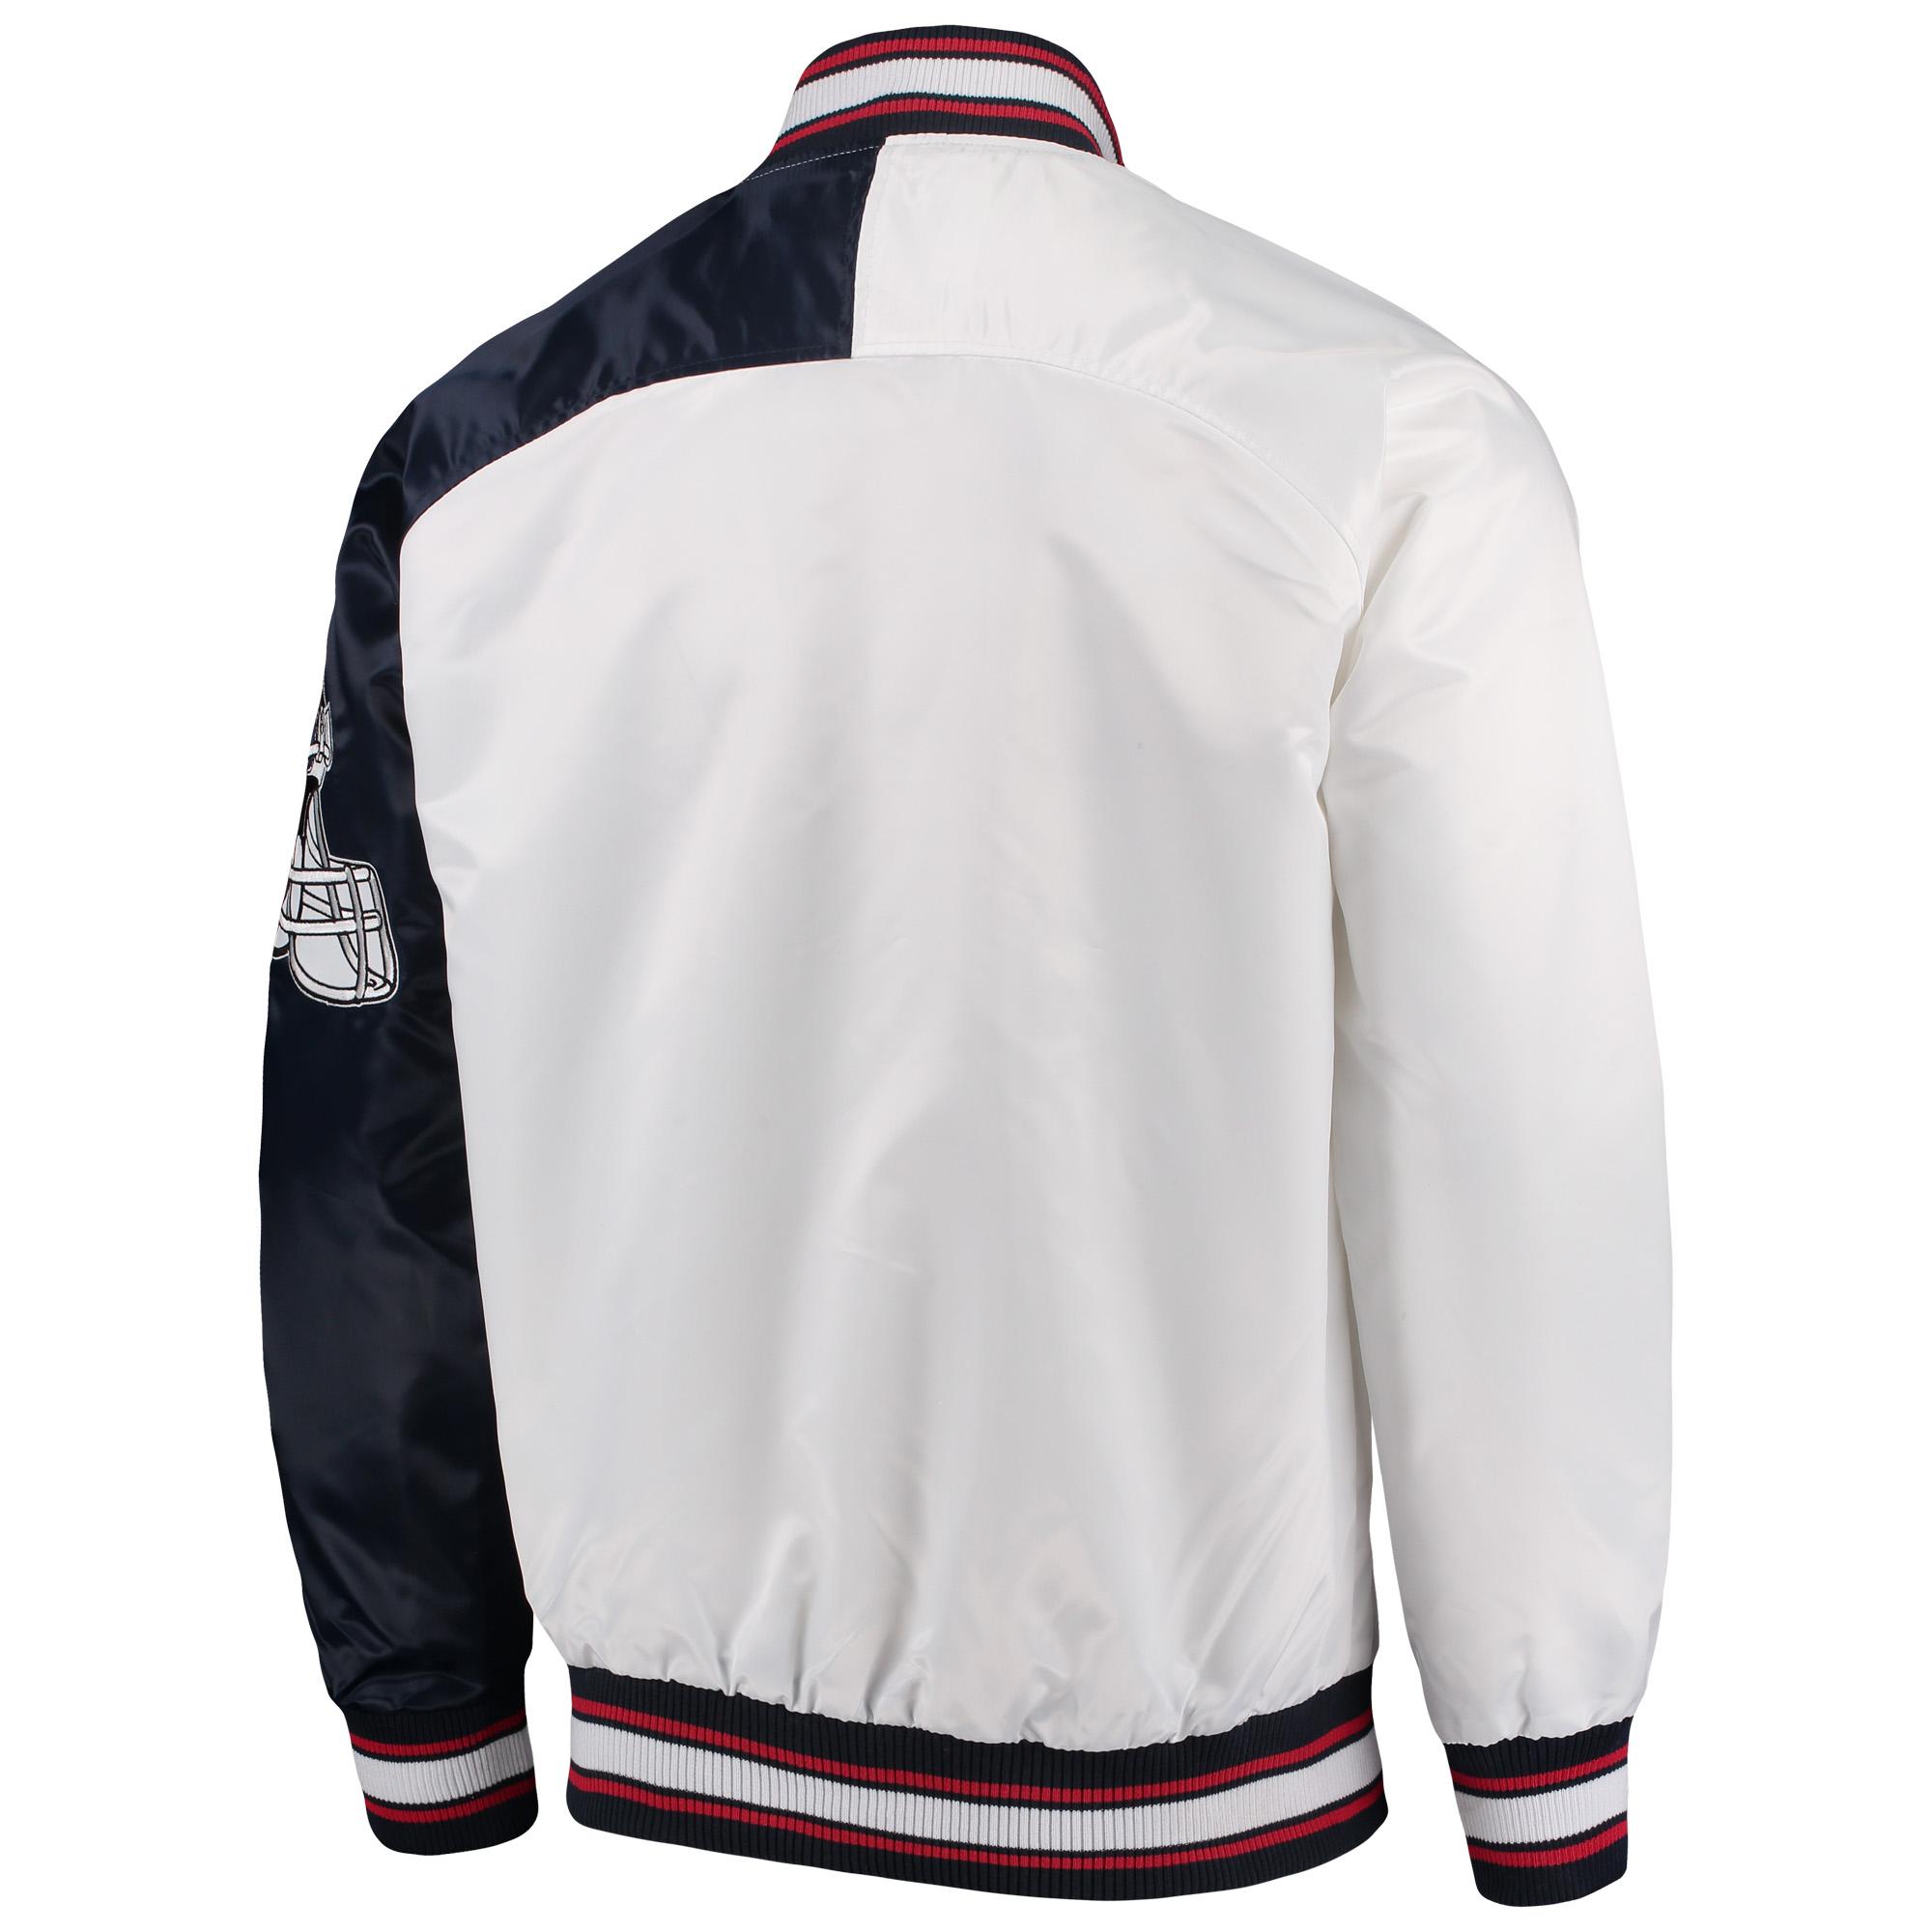 separation shoes 4b624 5cbf3 New York Giants Starter Start of Season Retro Satin Full-Button Varsity  Jacket - White